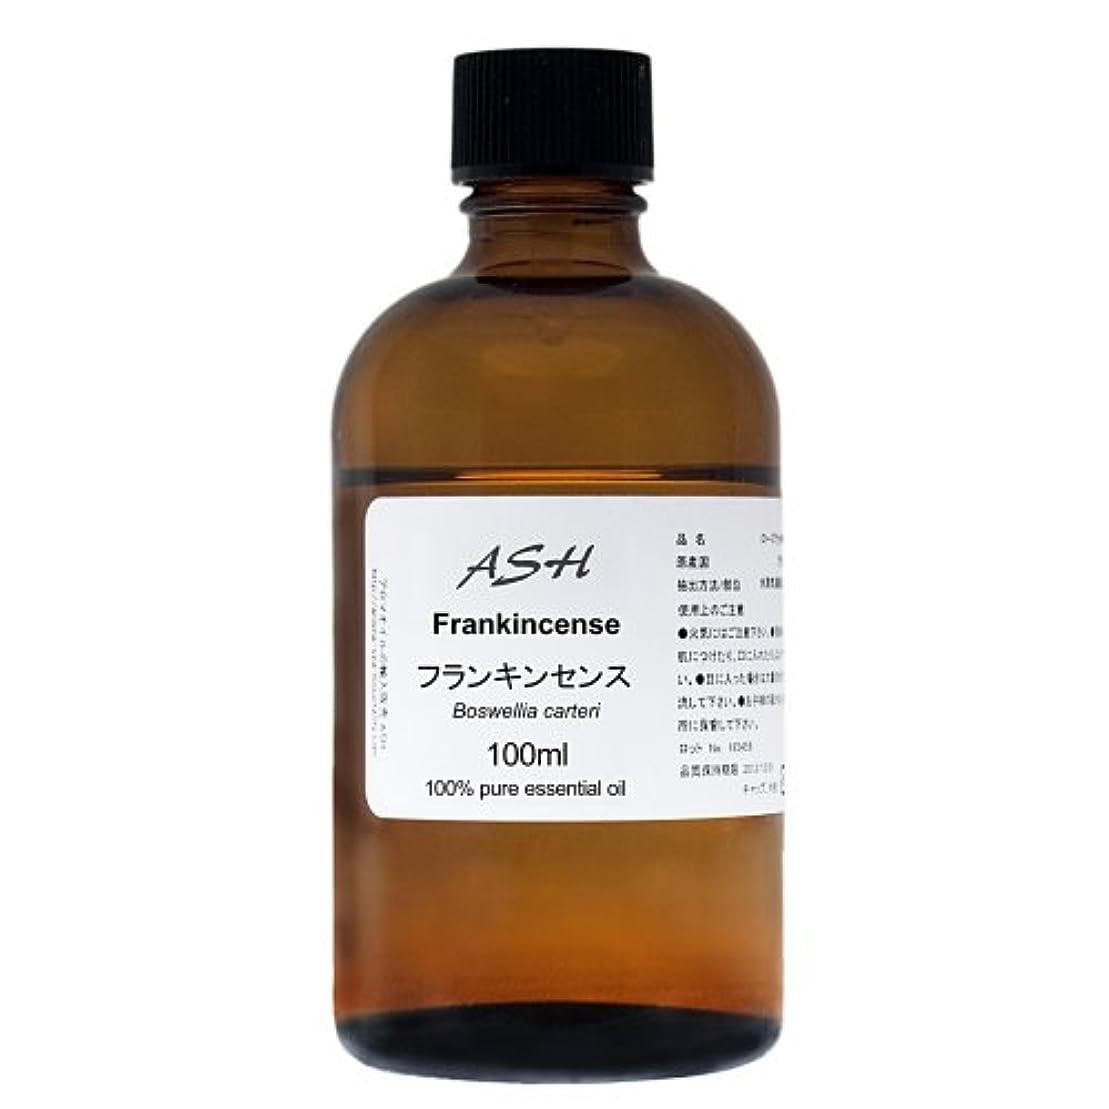 スキームくちばし甘やかすASH フランキンセンス エッセンシャルオイル 100ml AEAJ表示基準適合認定精油